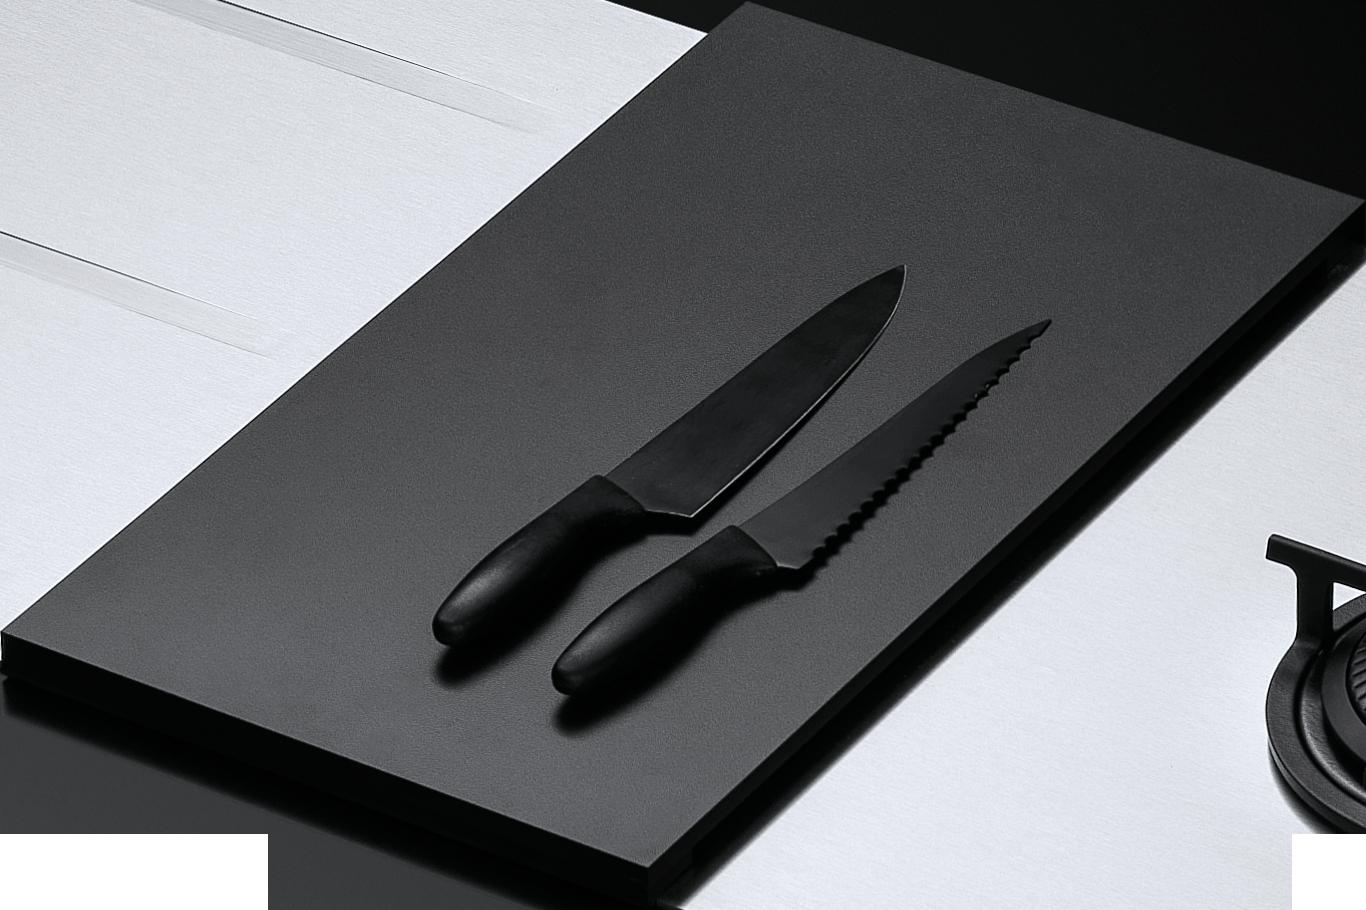 Accessori Cucina Barazza: Accessori per Forni e Lavelli - Barazza srl